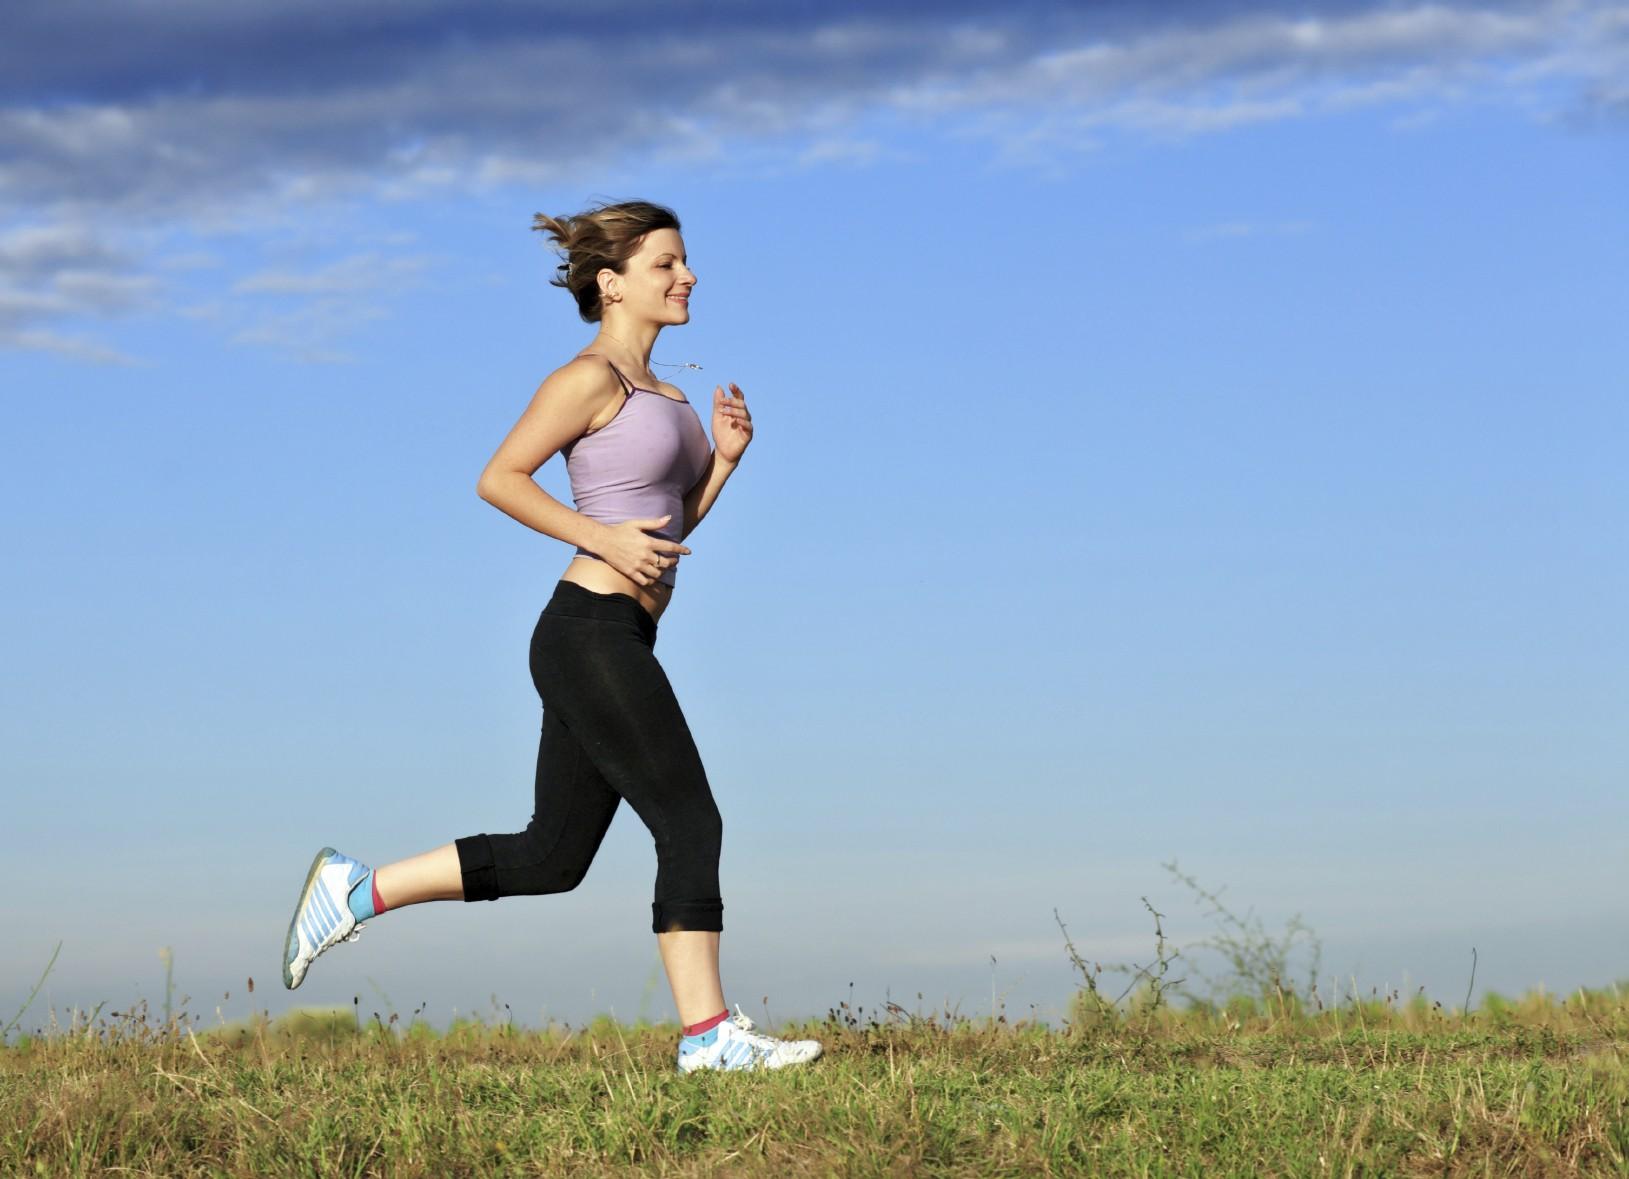 hogyan sportoljon 2 fokos magas vérnyomás esetén